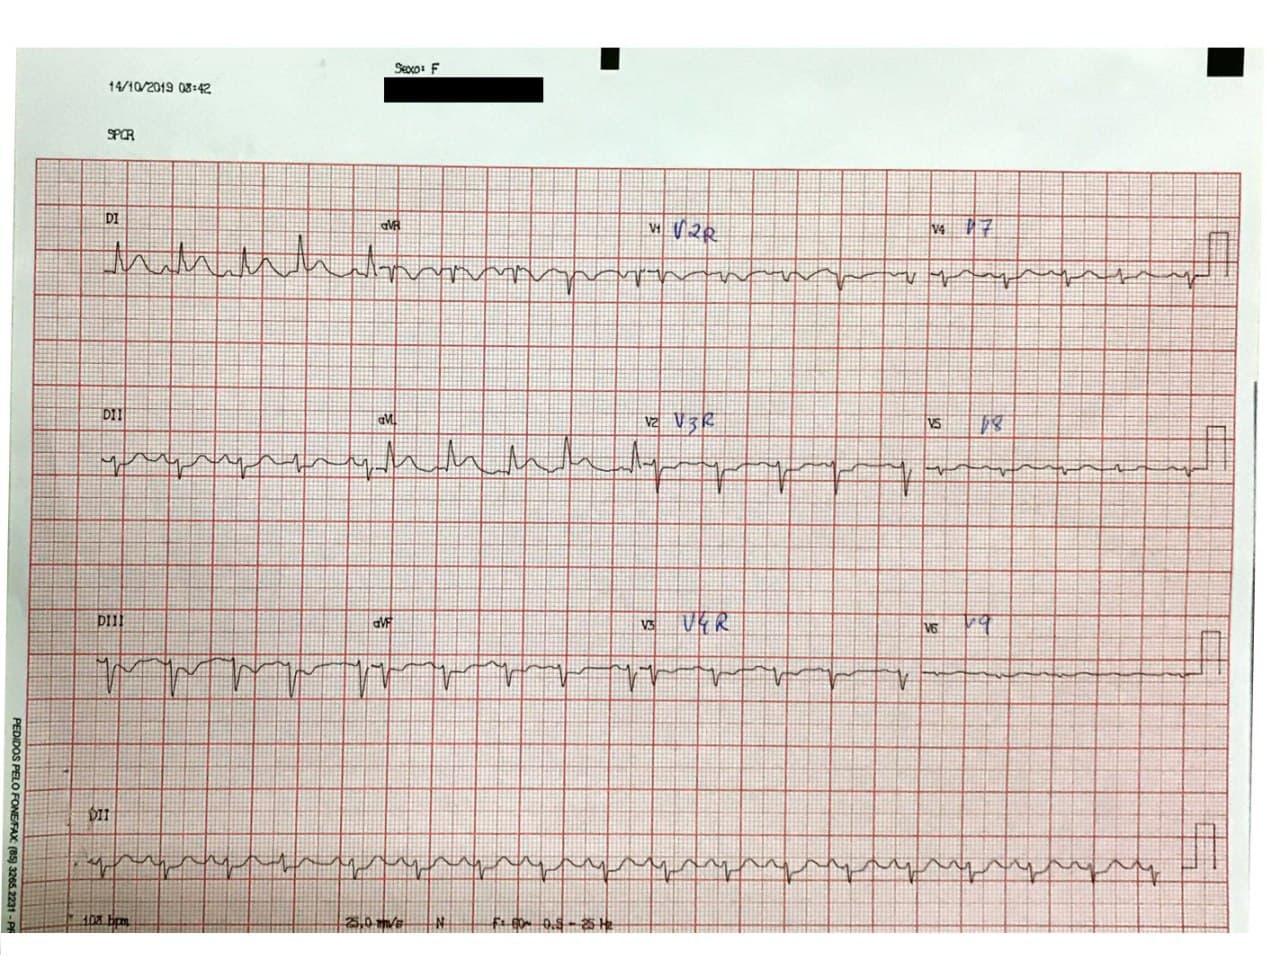 Mujer de 82 años hipertensa cursando IAM por compromiso de la arteria marginal de la Cx